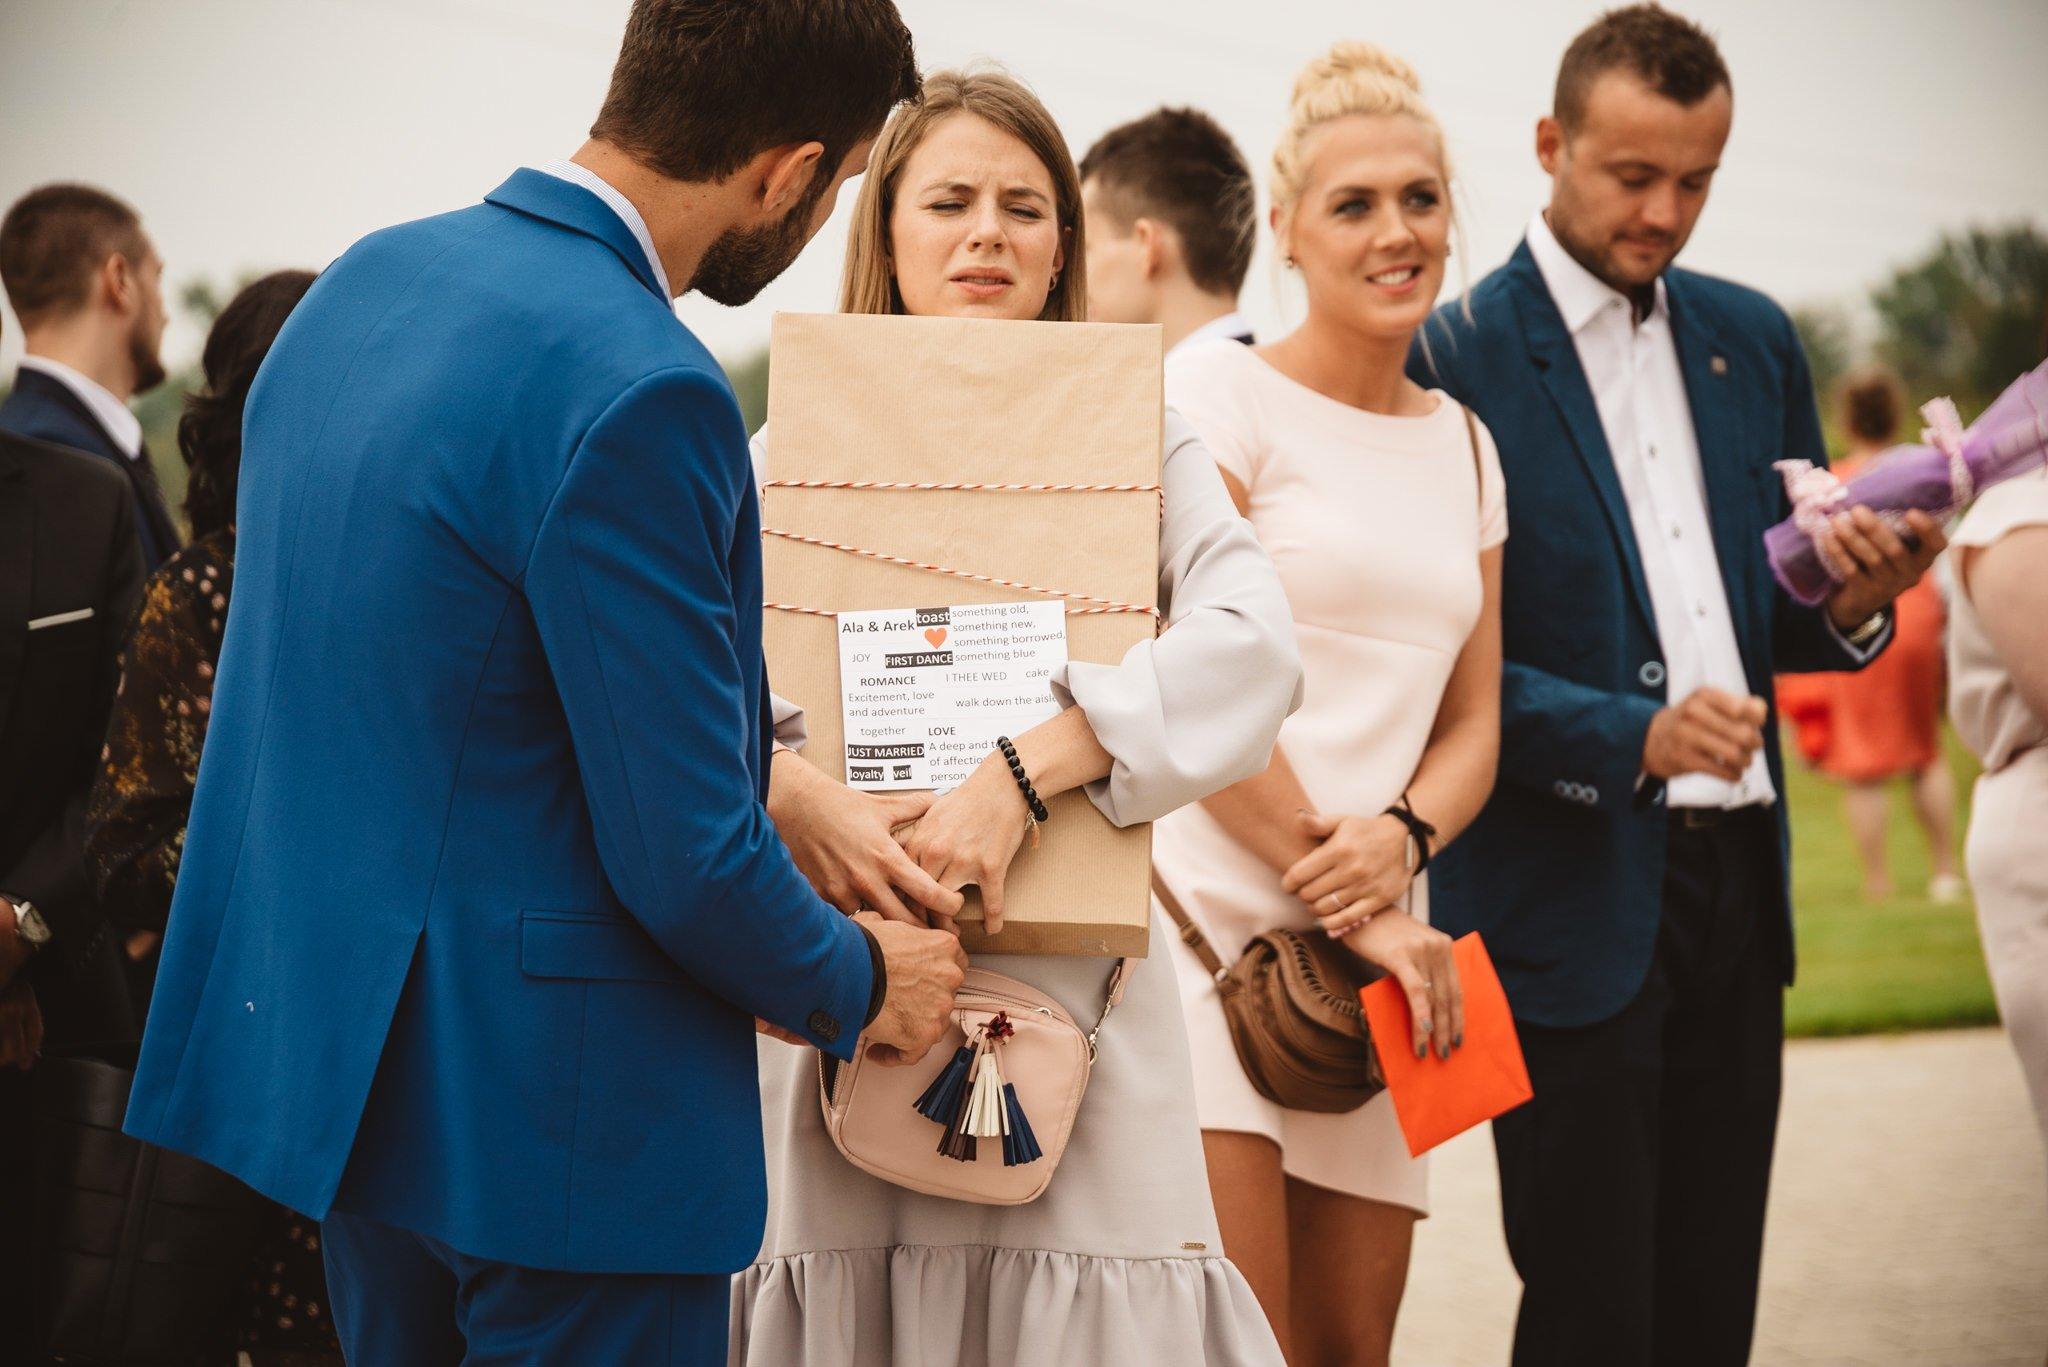 Ala i Arek, czyli jak zorganizować ślub i wesele w 4 tygodnie! 151